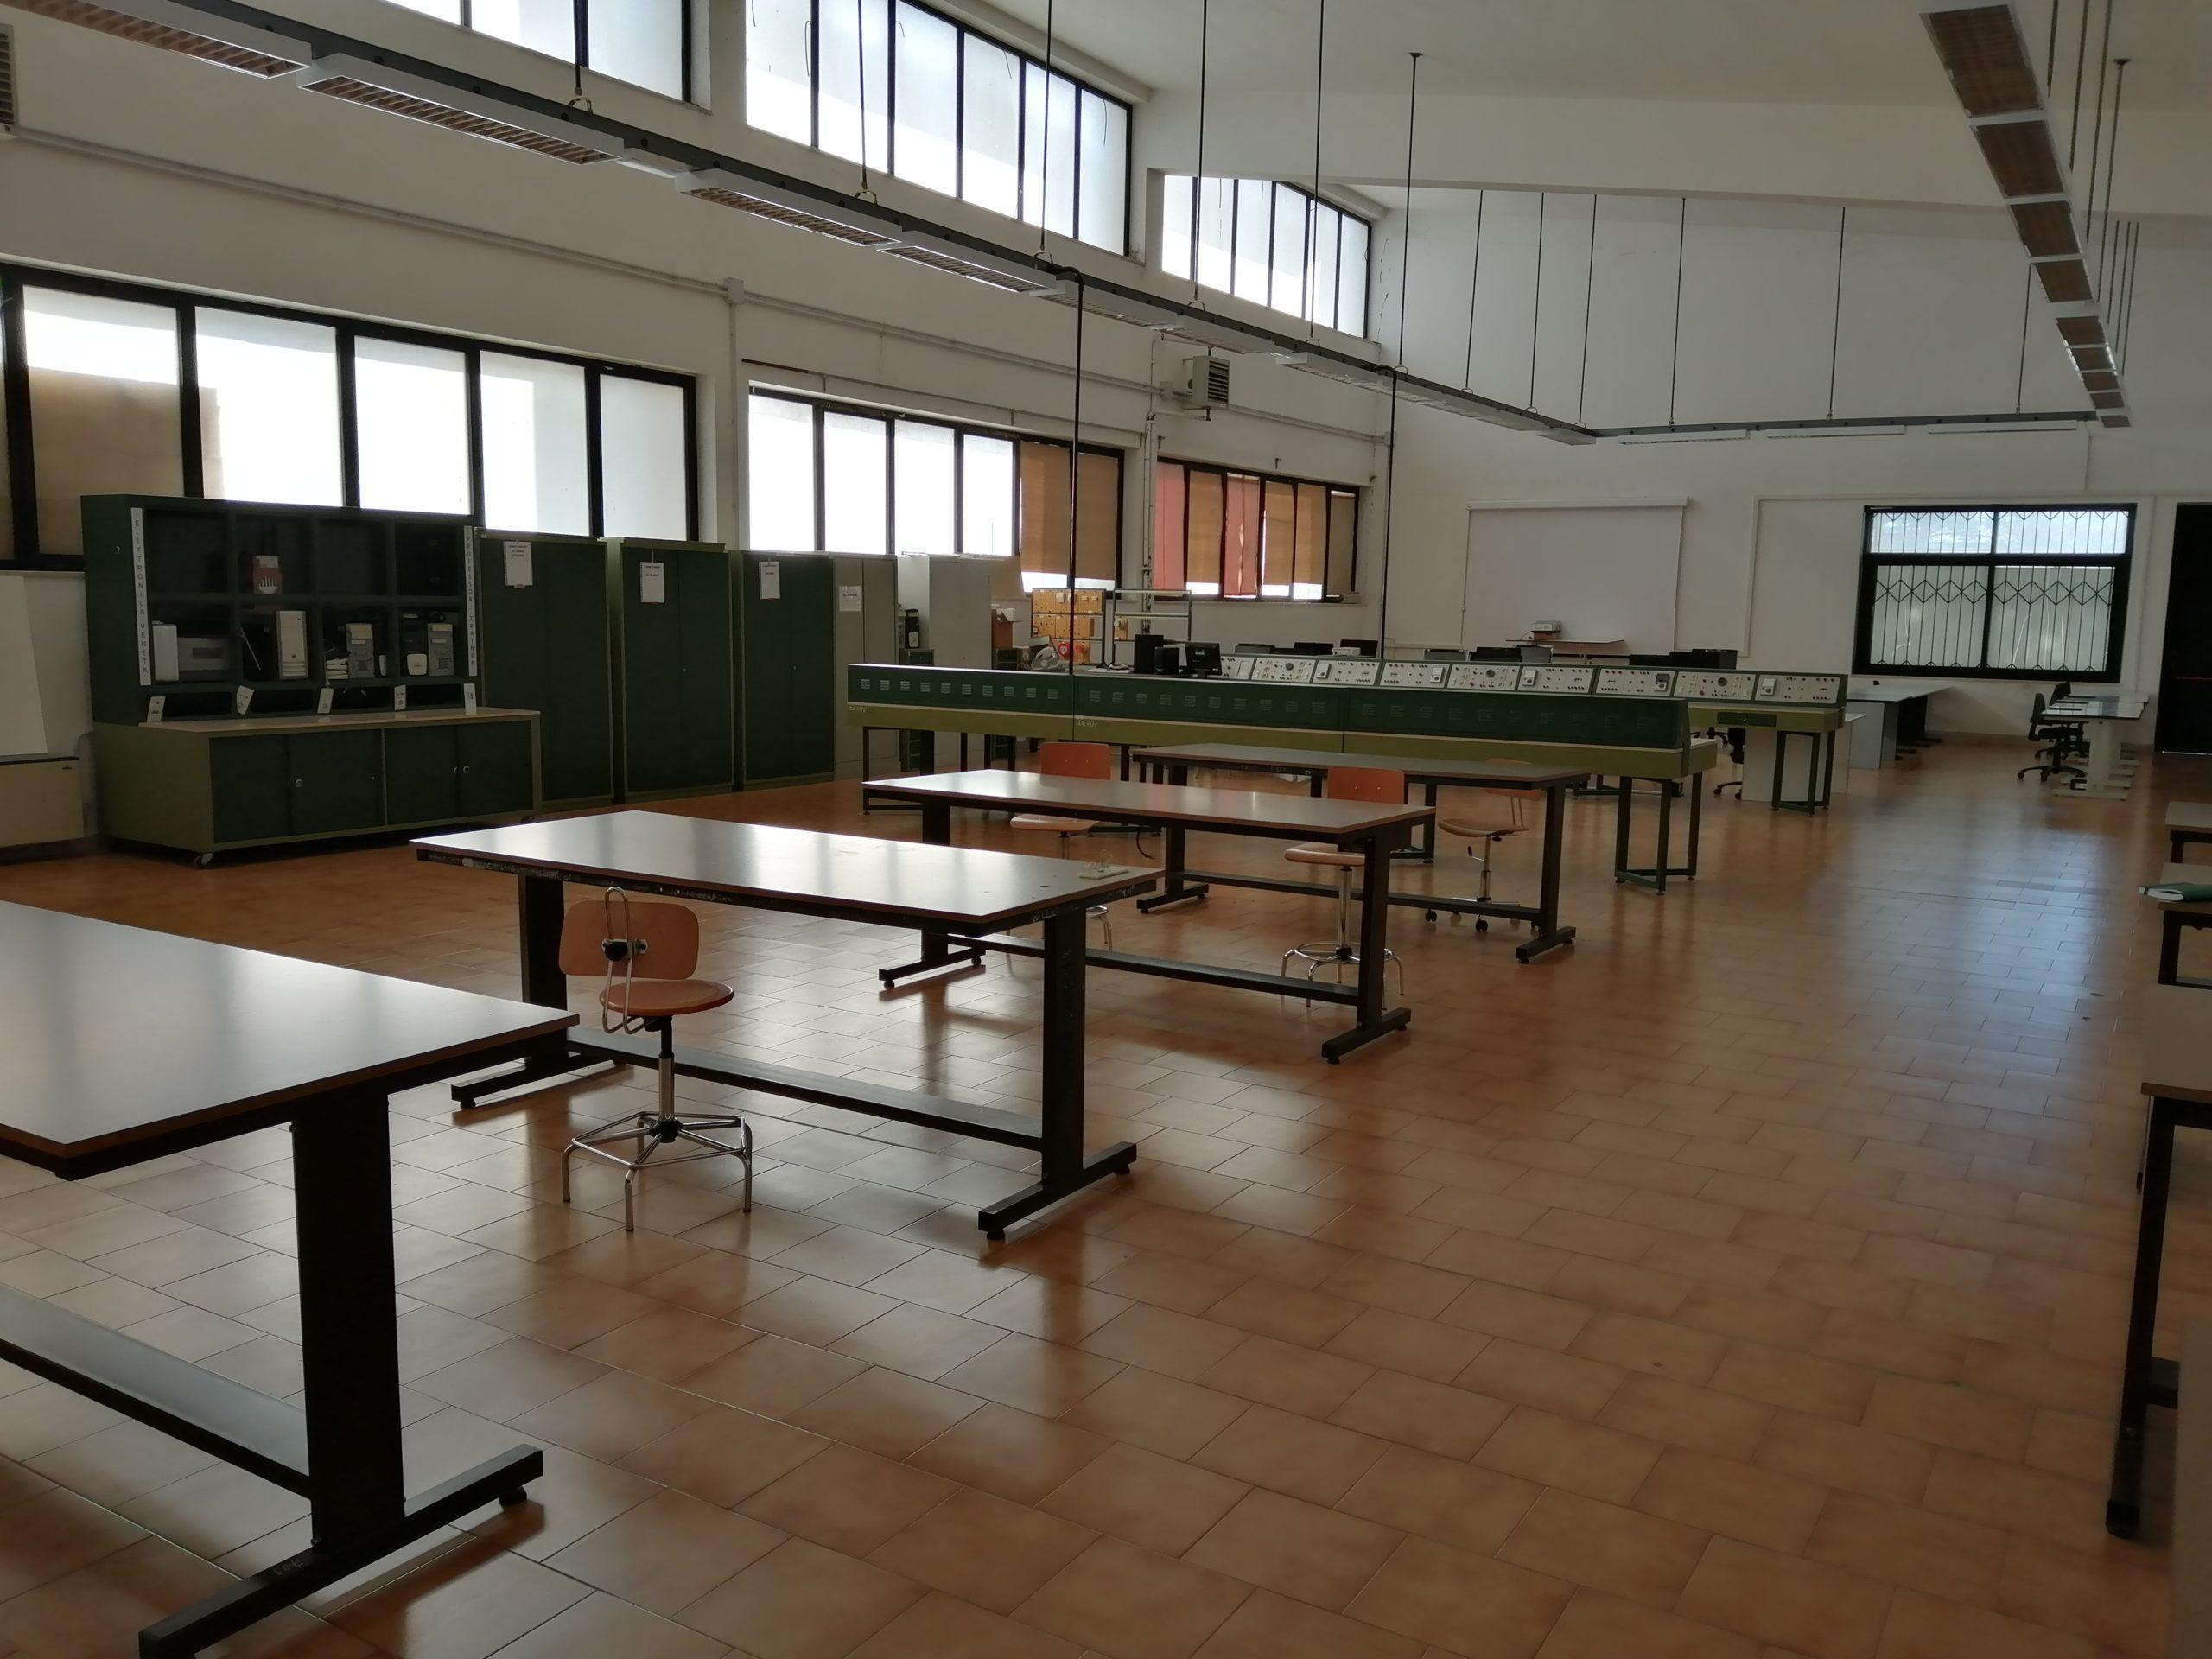 Puglia, team di operatori sanitari nelle scuole per il rientro in sicurezza da febbraio Bozza di delibera emersa nell